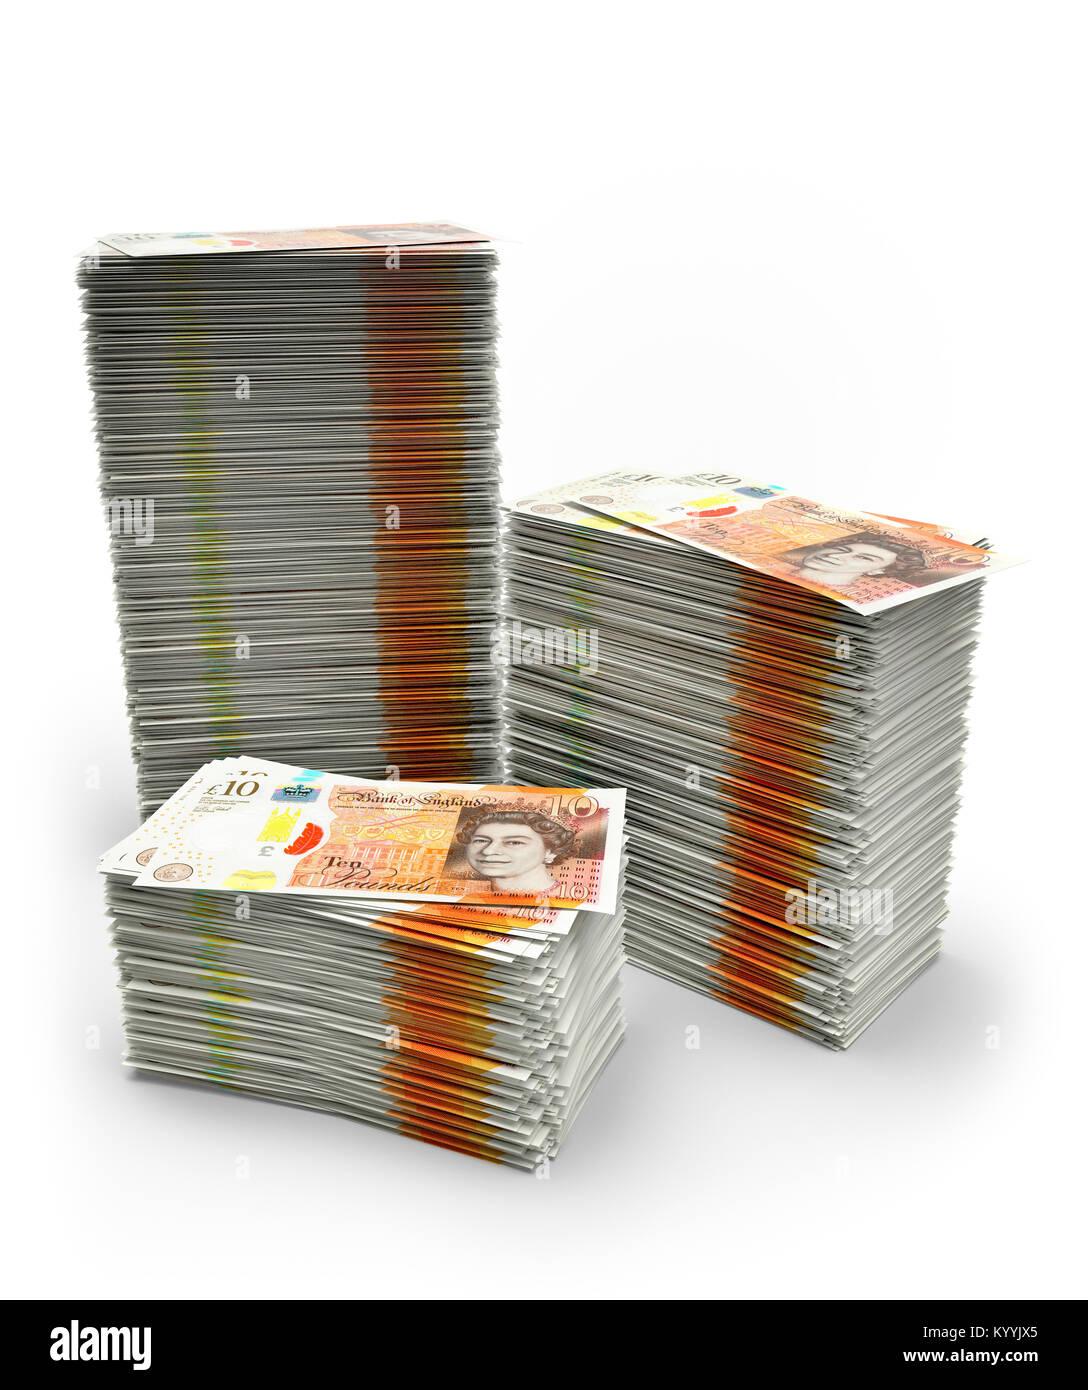 Pile di dieci note Pound Sterling su uno sfondo bianco che illustra il salvataggio o di debito - Nuovo design 2017 Immagini Stock